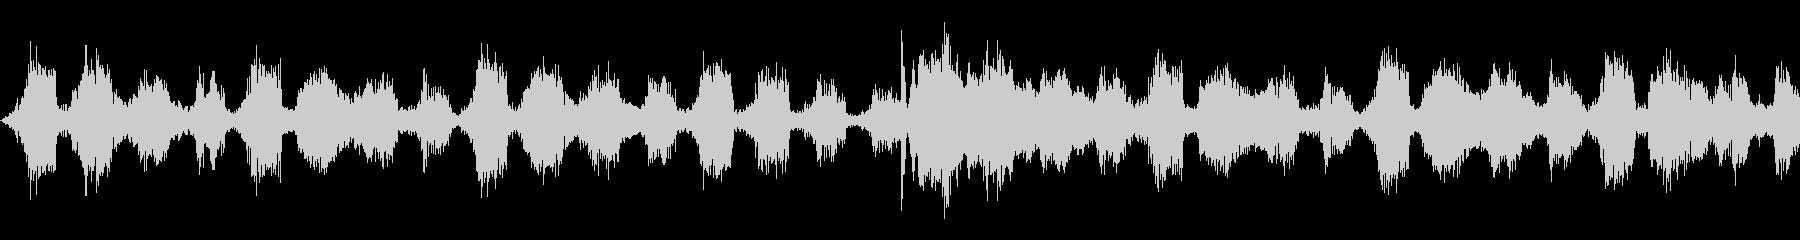 女性歌声のトロピカルハウス,OPジングルの未再生の波形